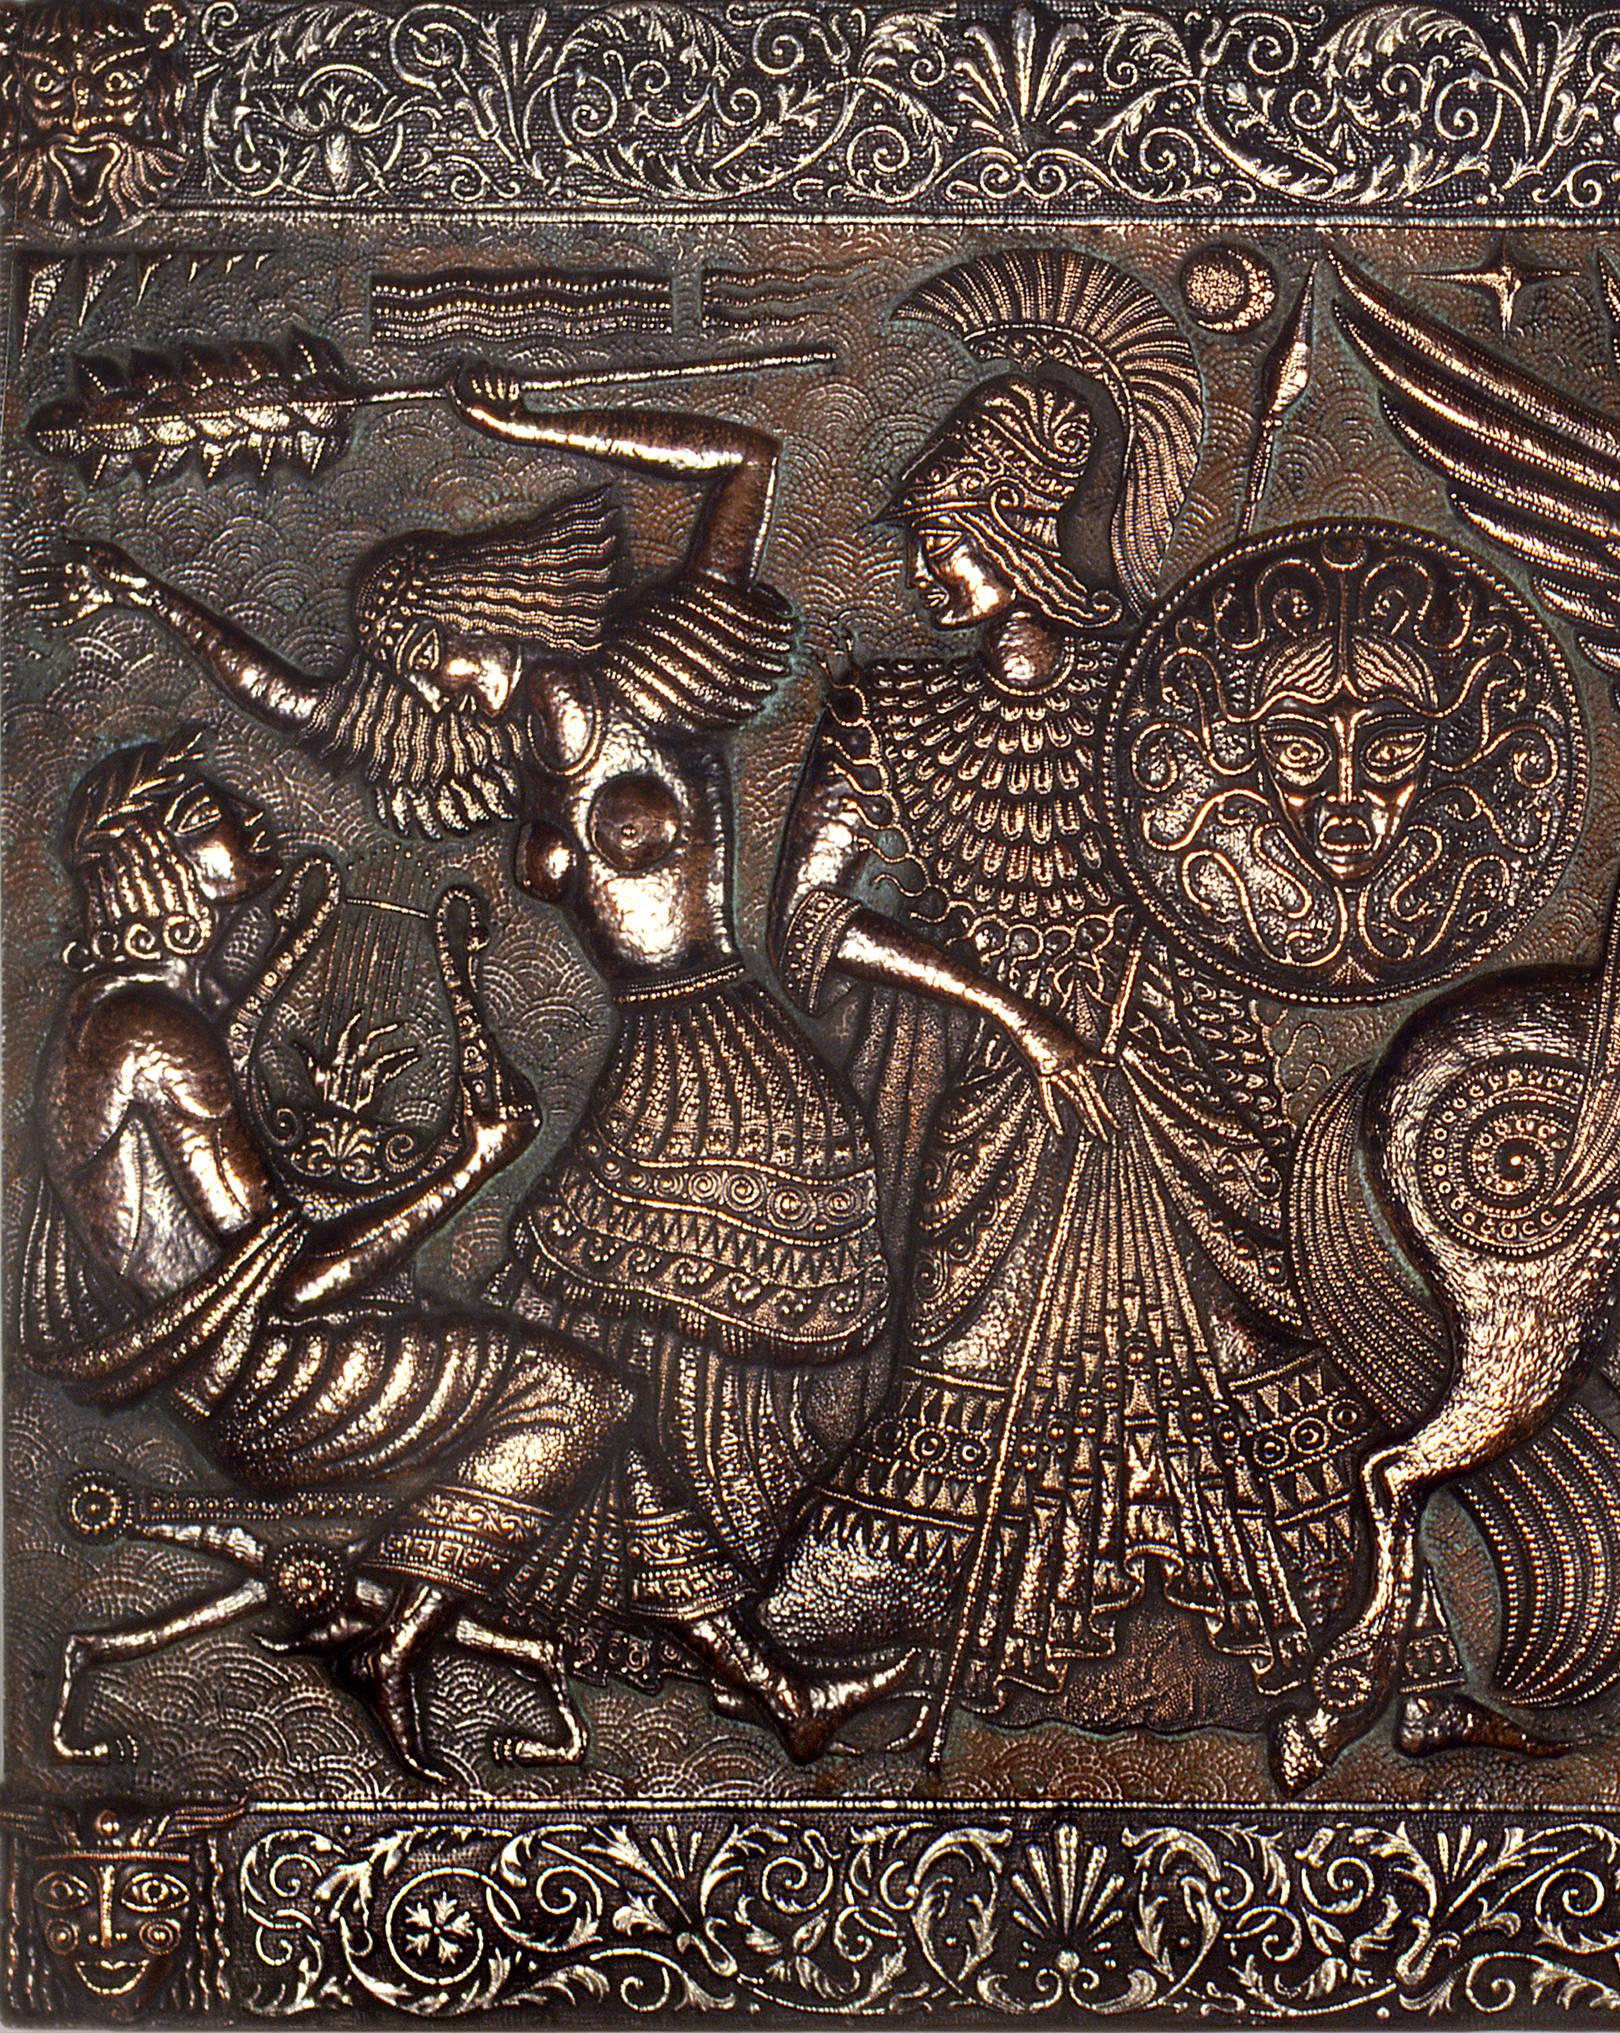 Эллада мифологическая (фрагмент панно) 1978 г. Медь, алюминий; чернение, патинирование 78 х 152 см